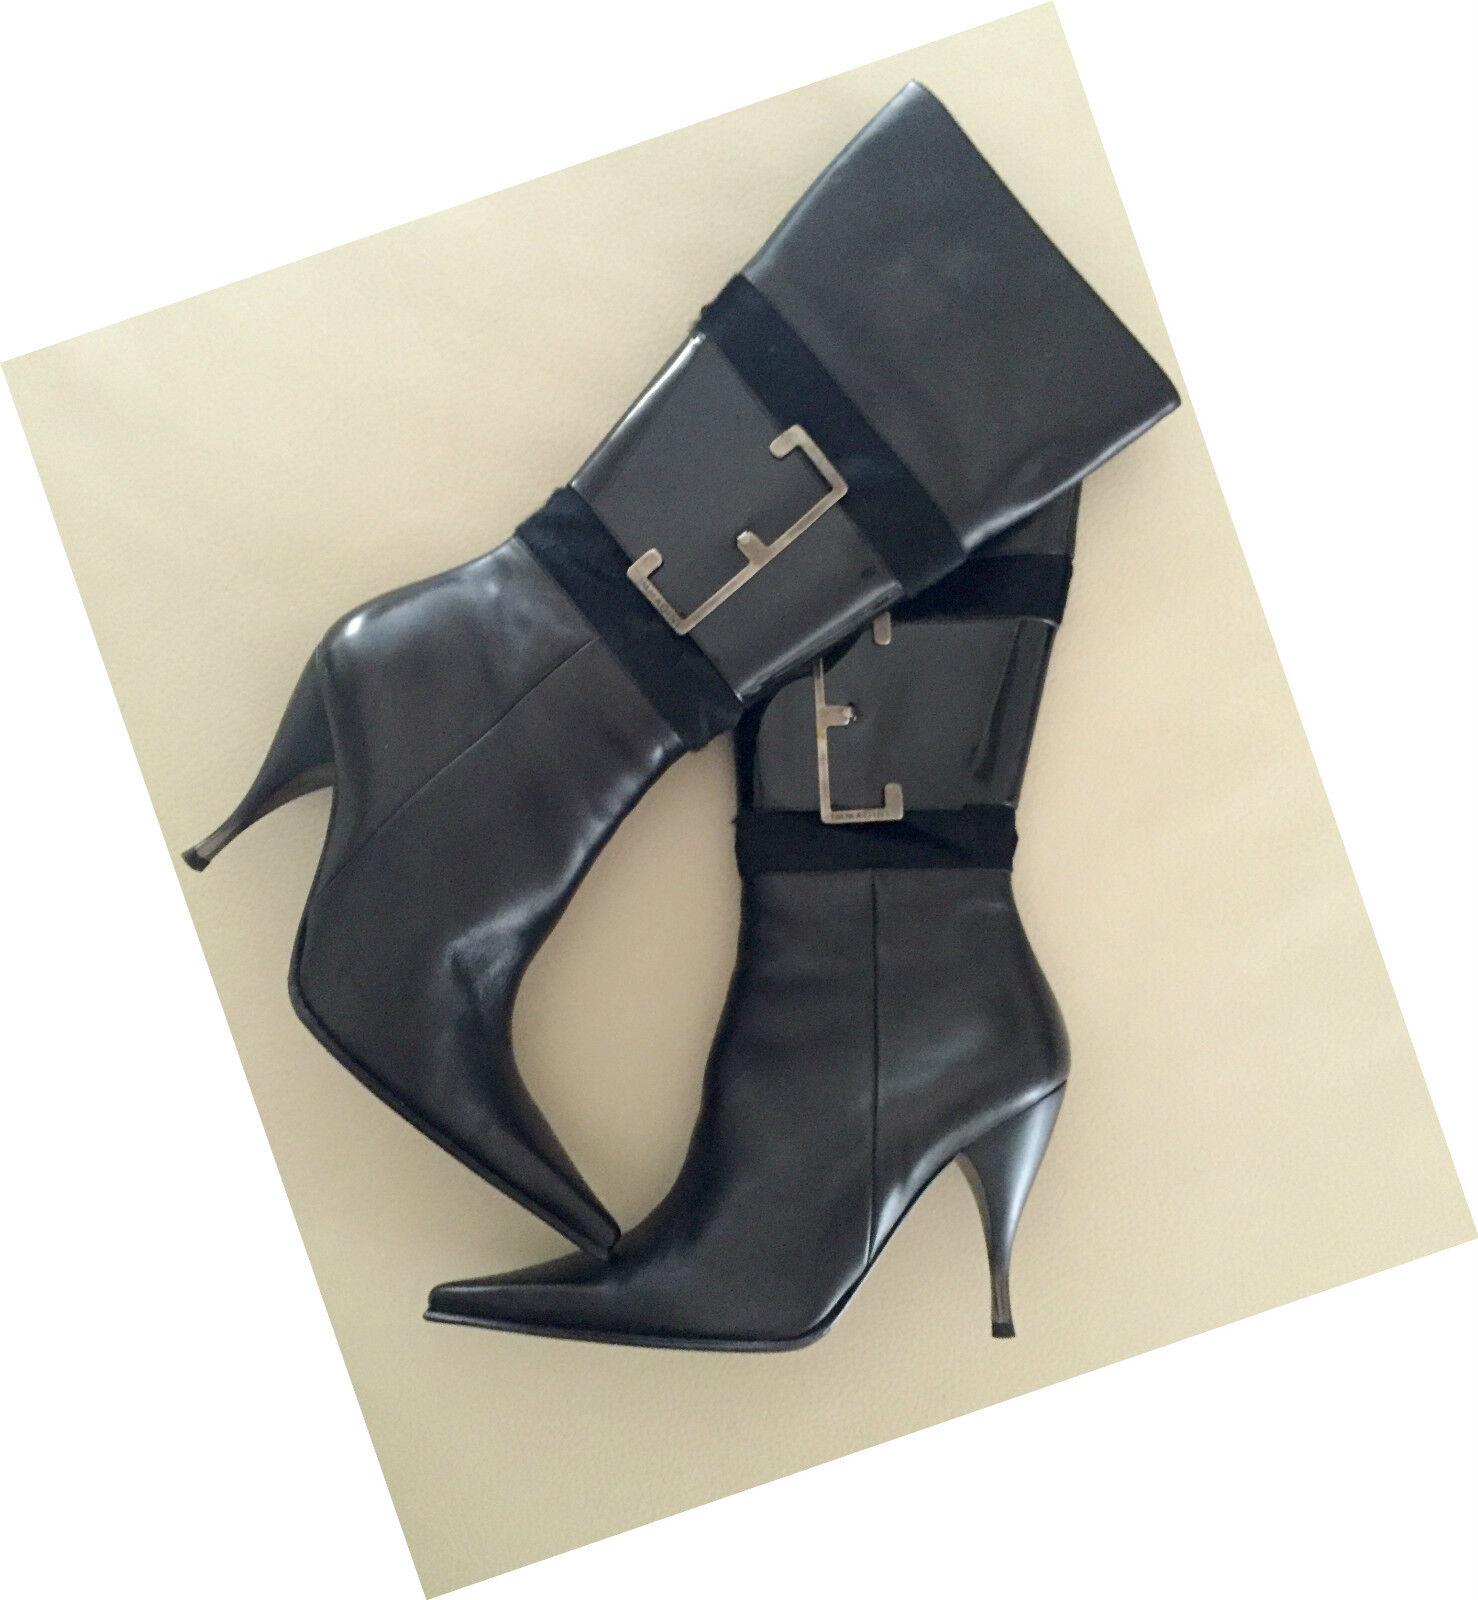 IMAGINI Eleganter Eleganter Eleganter Stiefel aus Leder 166fe2